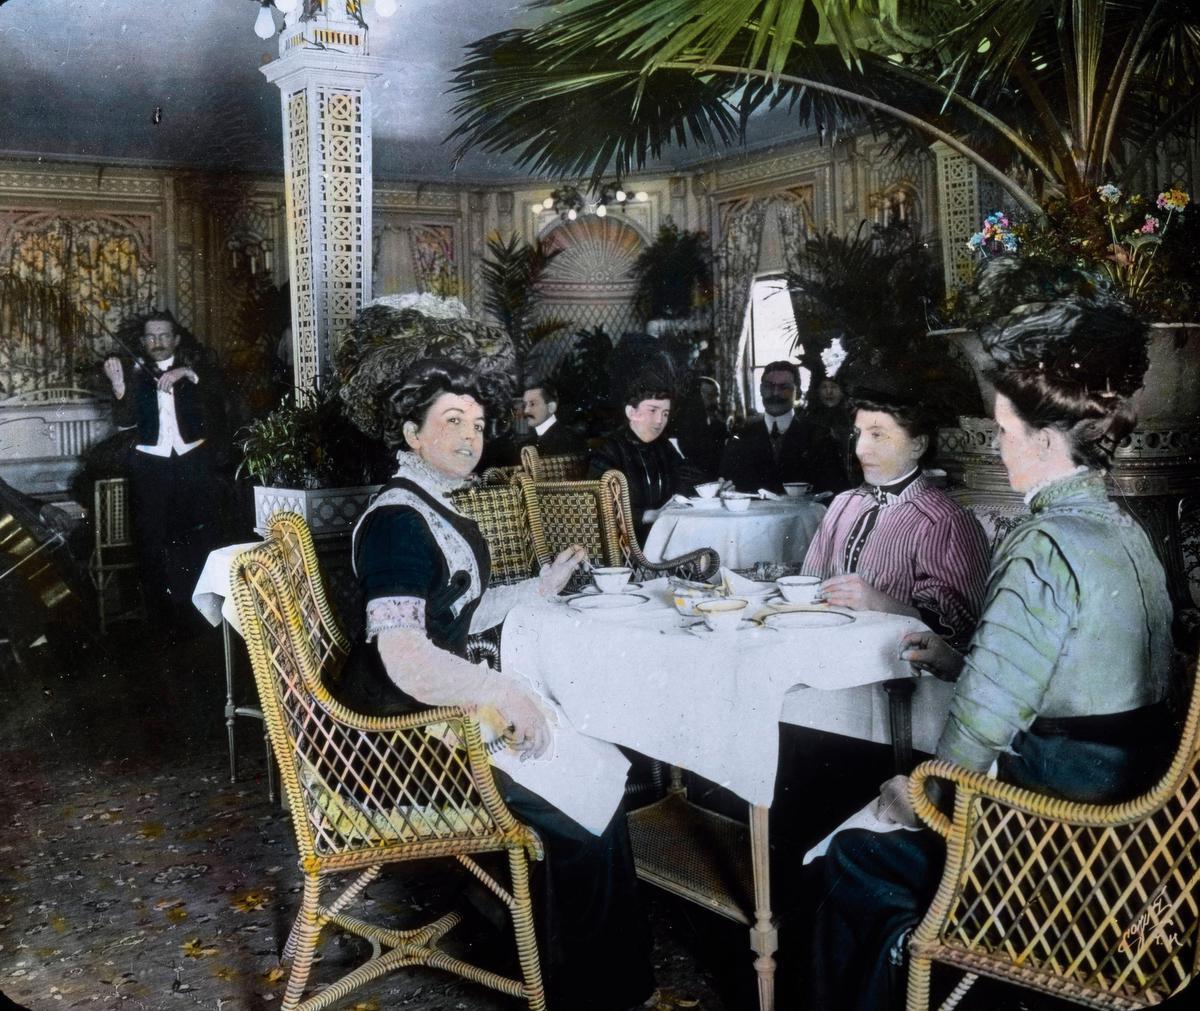 En première classe, les passagers du Titanic étaient assis sur des sièges en rotin de la marque britannique Dryad., Bridgeman Images